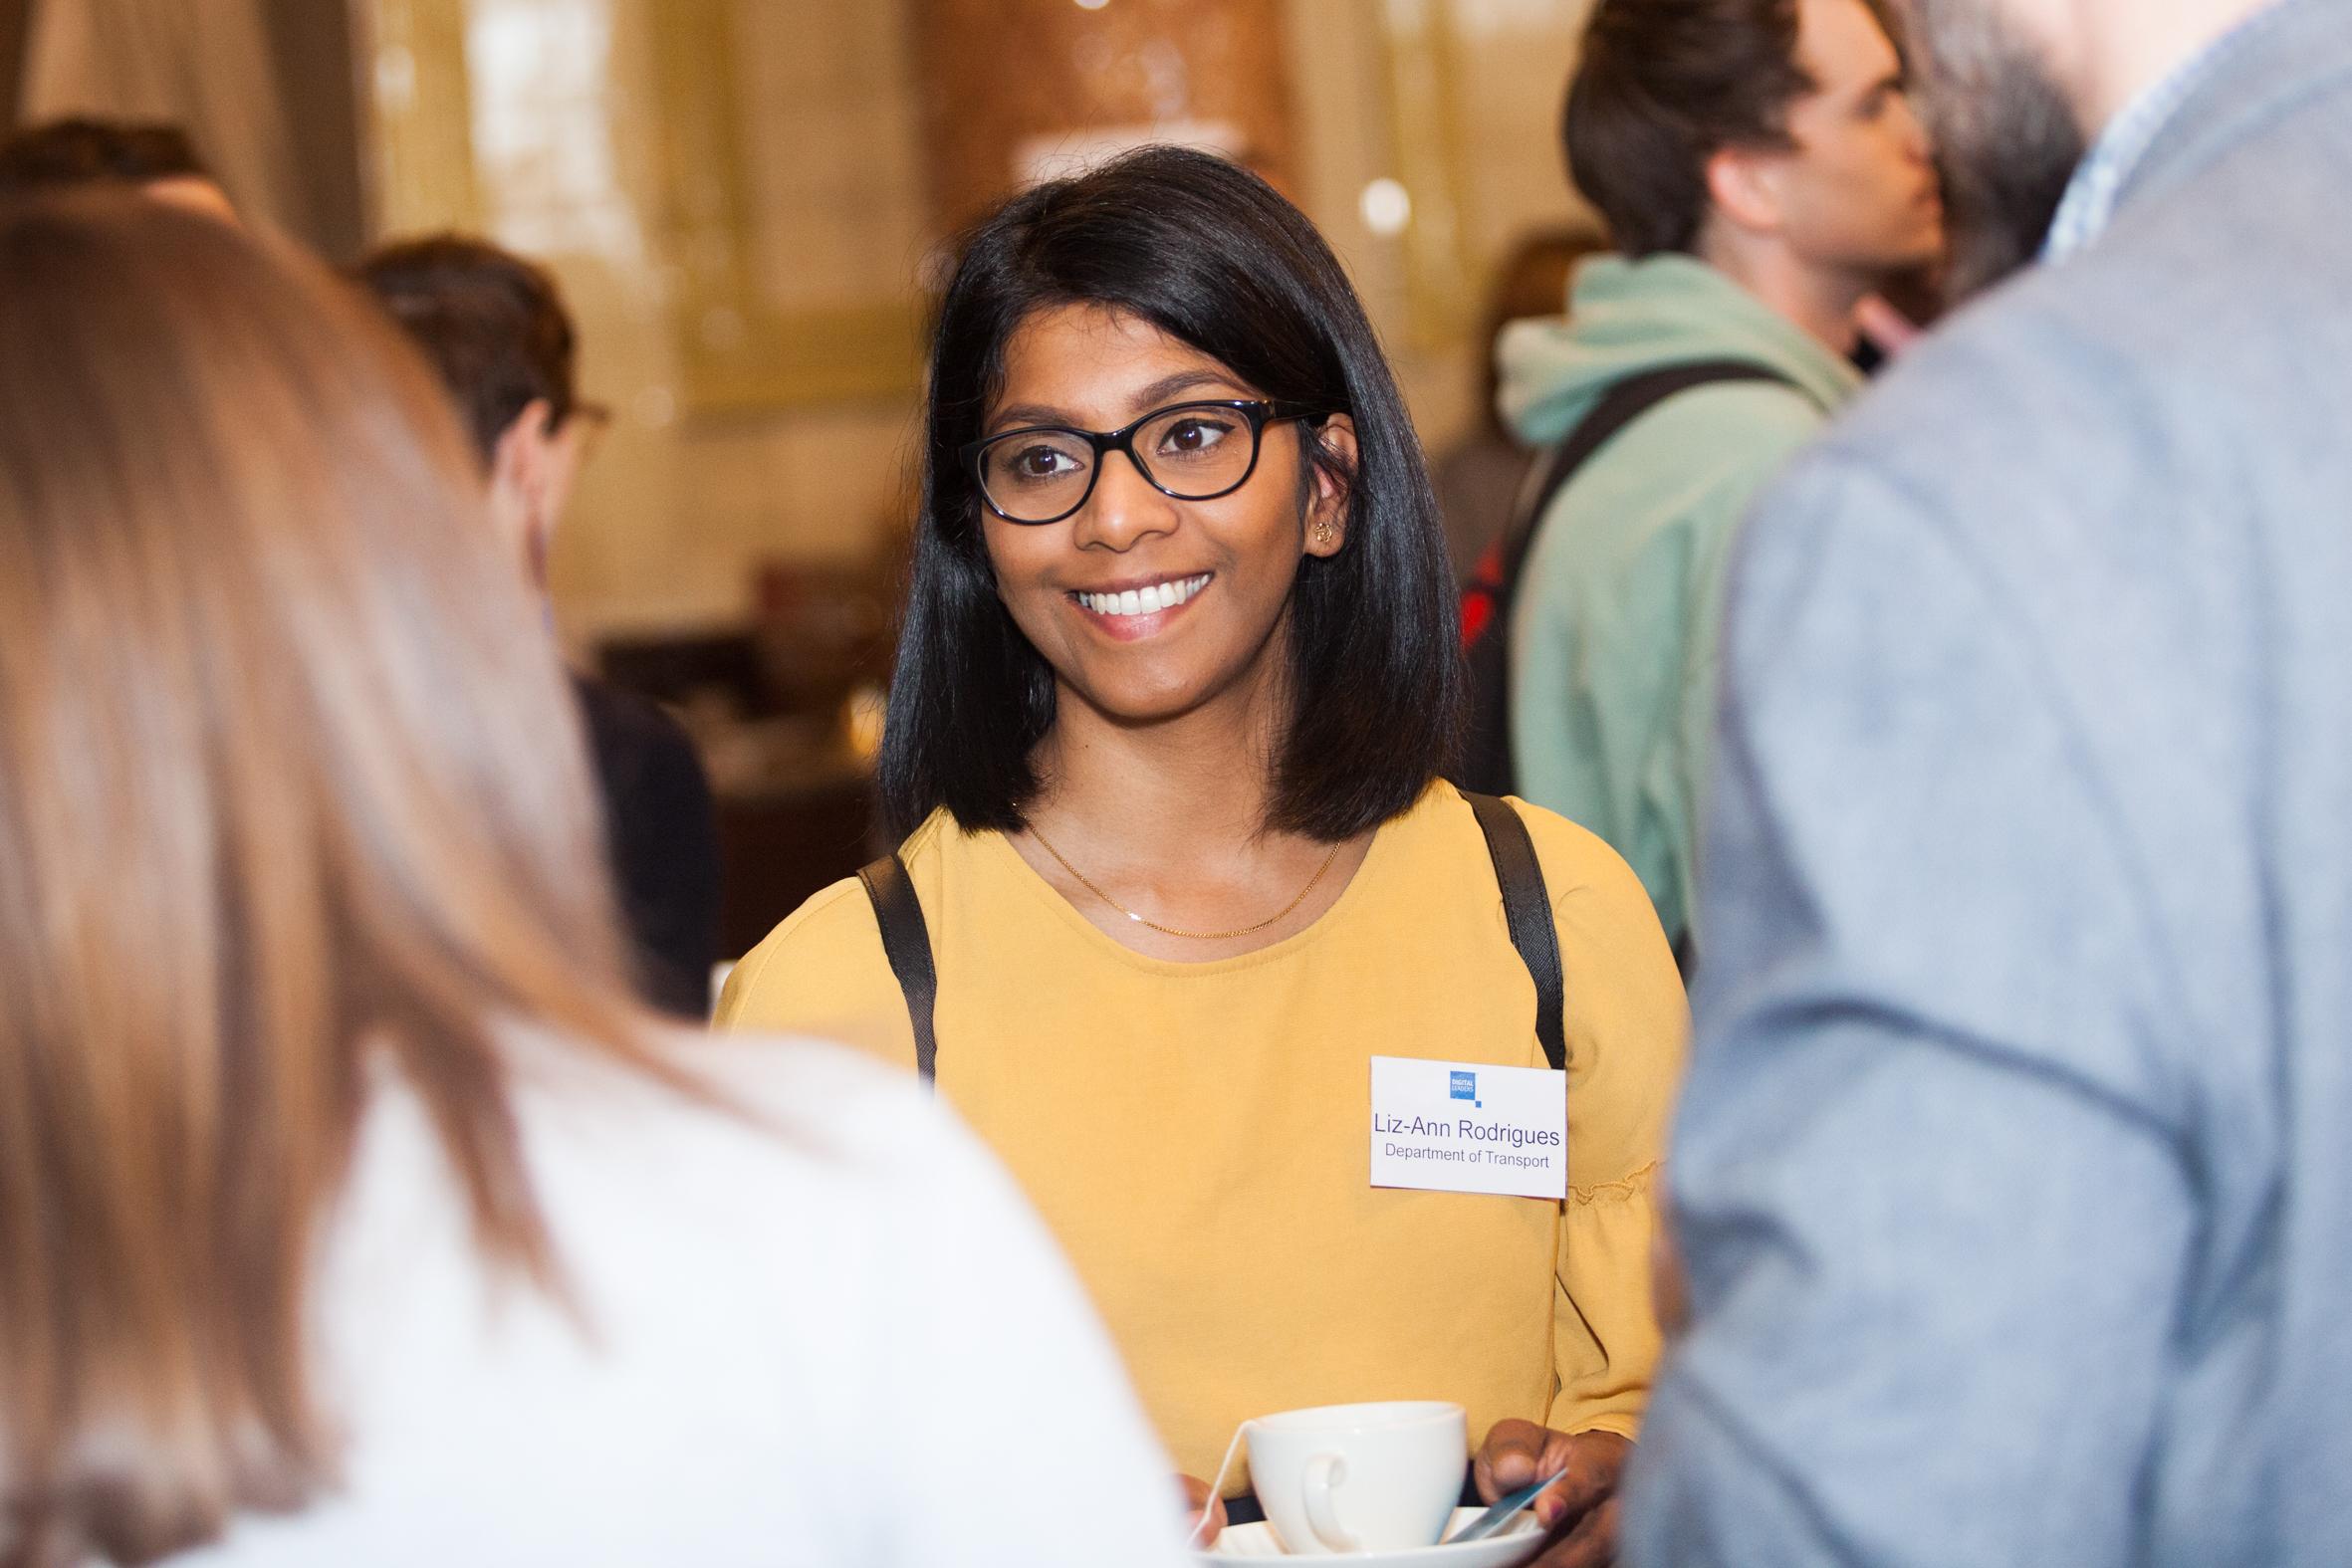 Liz-Ann networking at an event